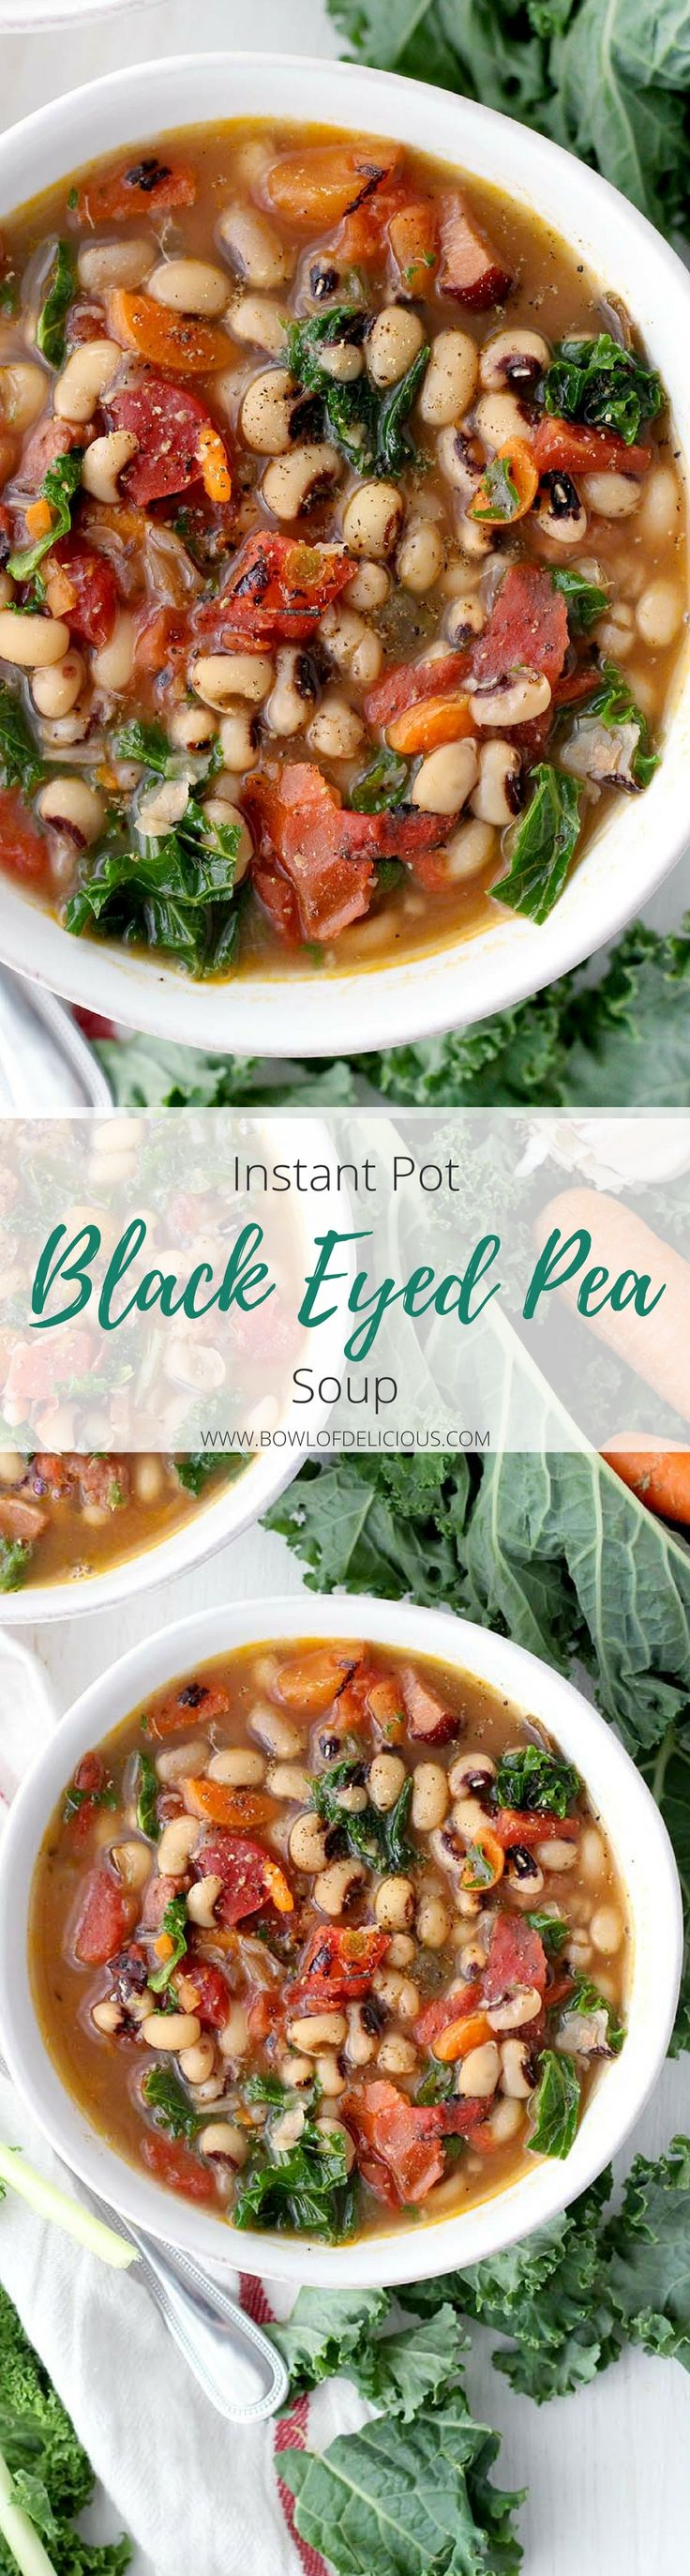 Instant Pot Black Eyed Pea Soup